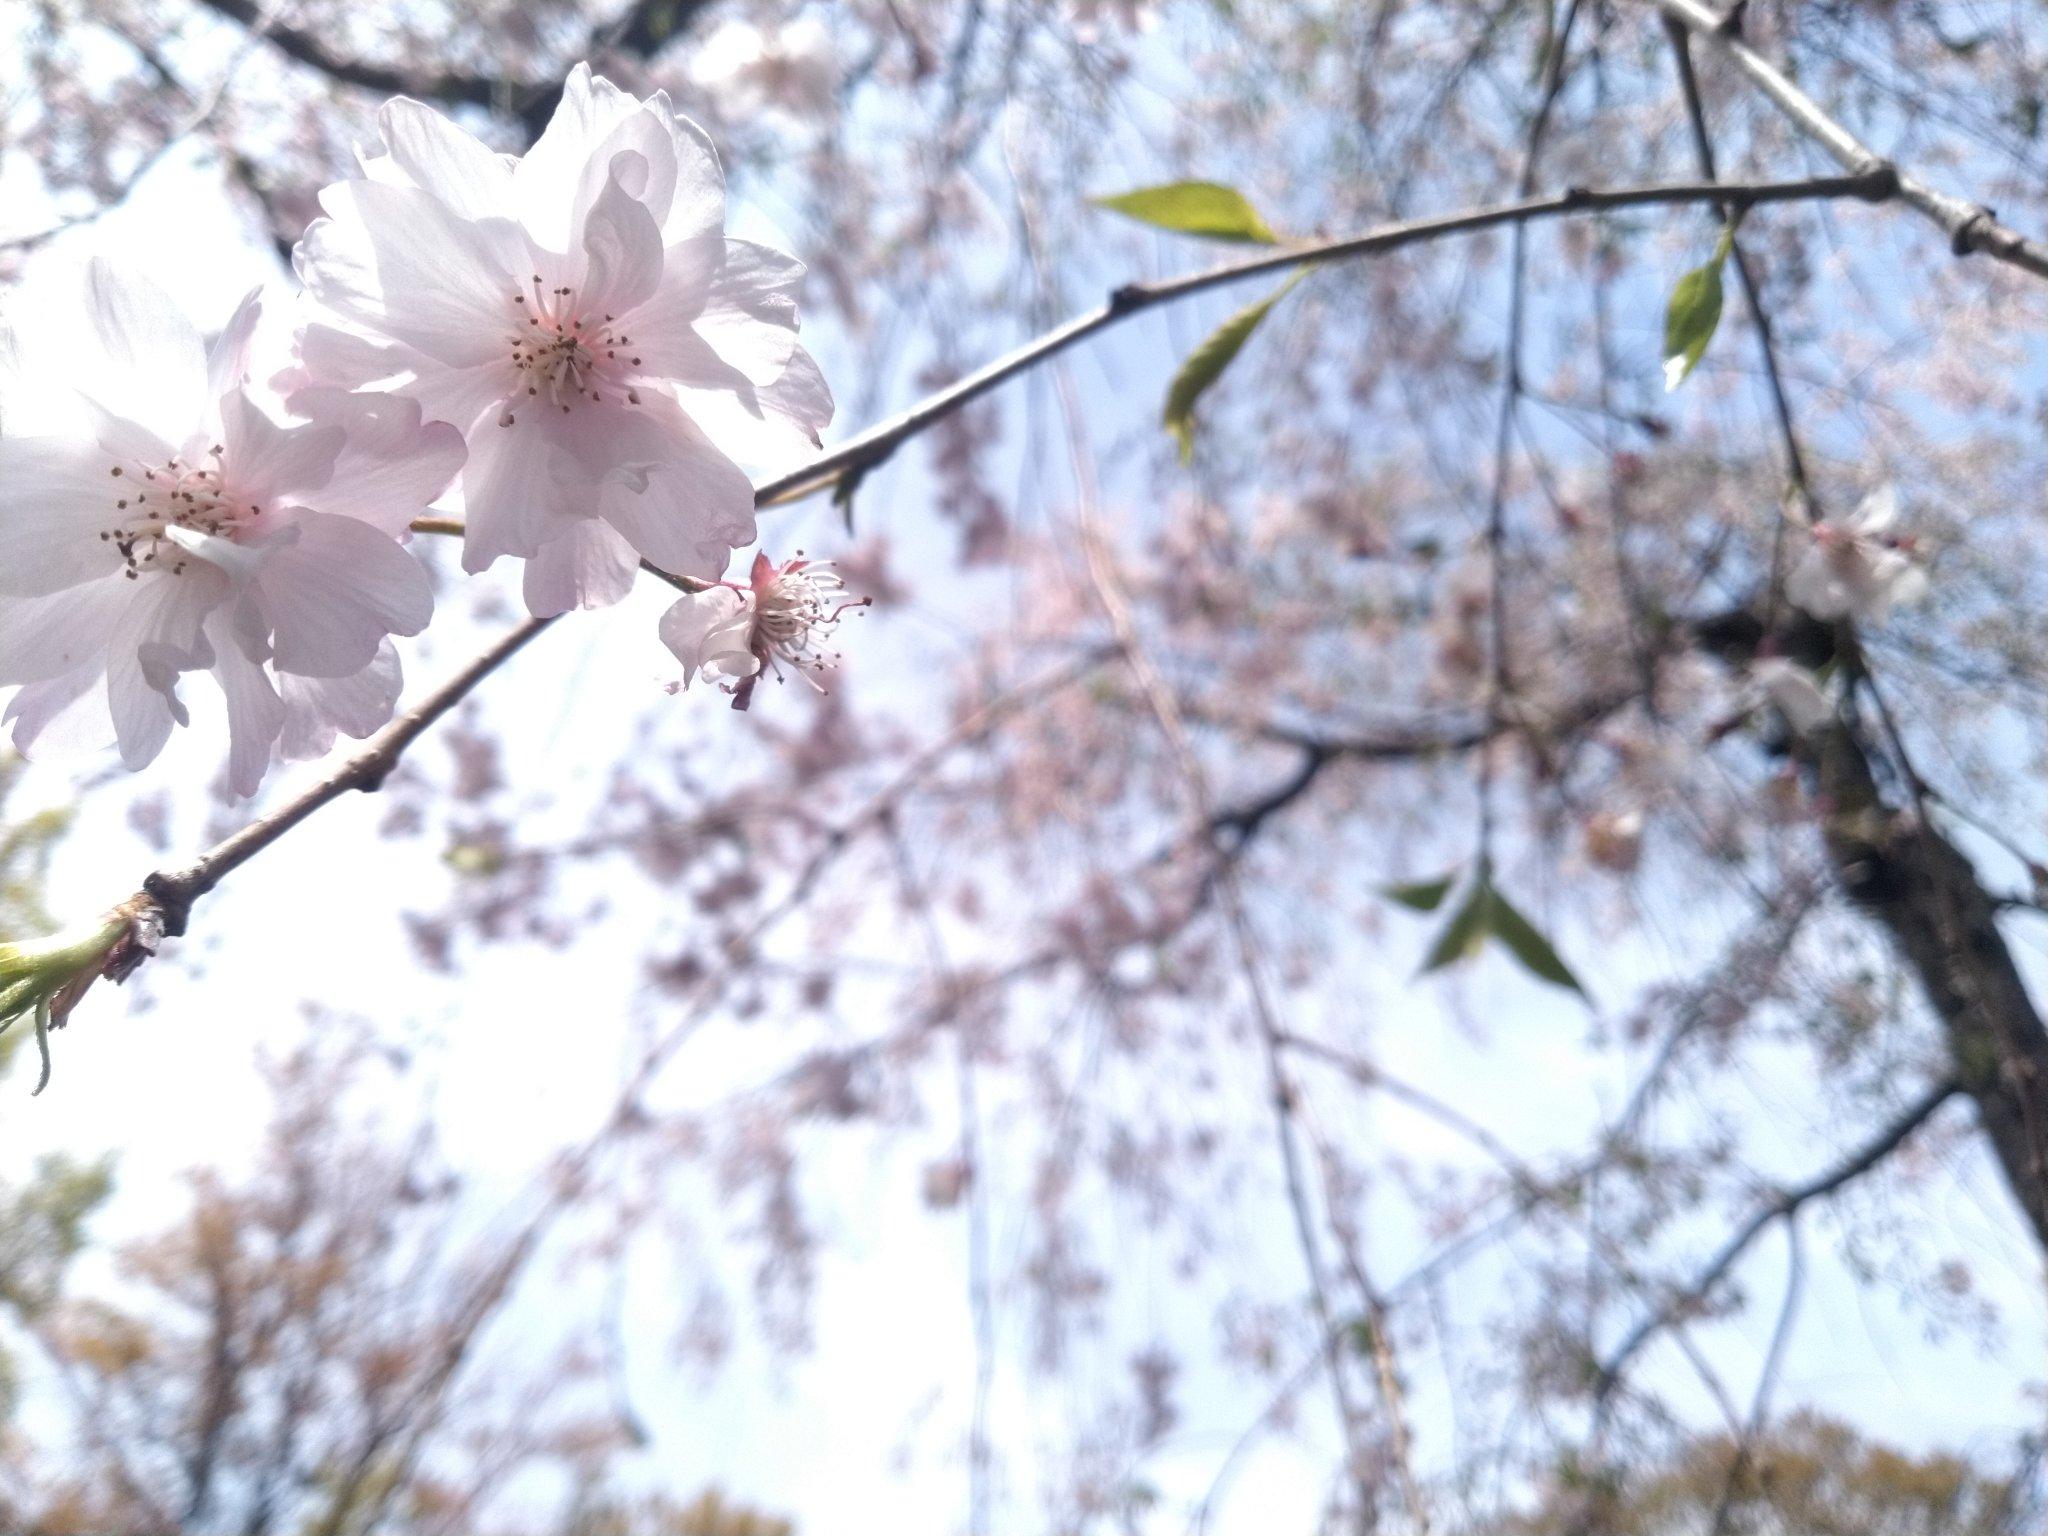 画像,ミツバチ分蜂の話を聞いてちょうど今日、枝垂れさん撮ってるときに3匹ほど蜜を一生懸命集めてました。大人しい子たちで、ゆっくり動くようにしてたら、傍でカシャカシャし…